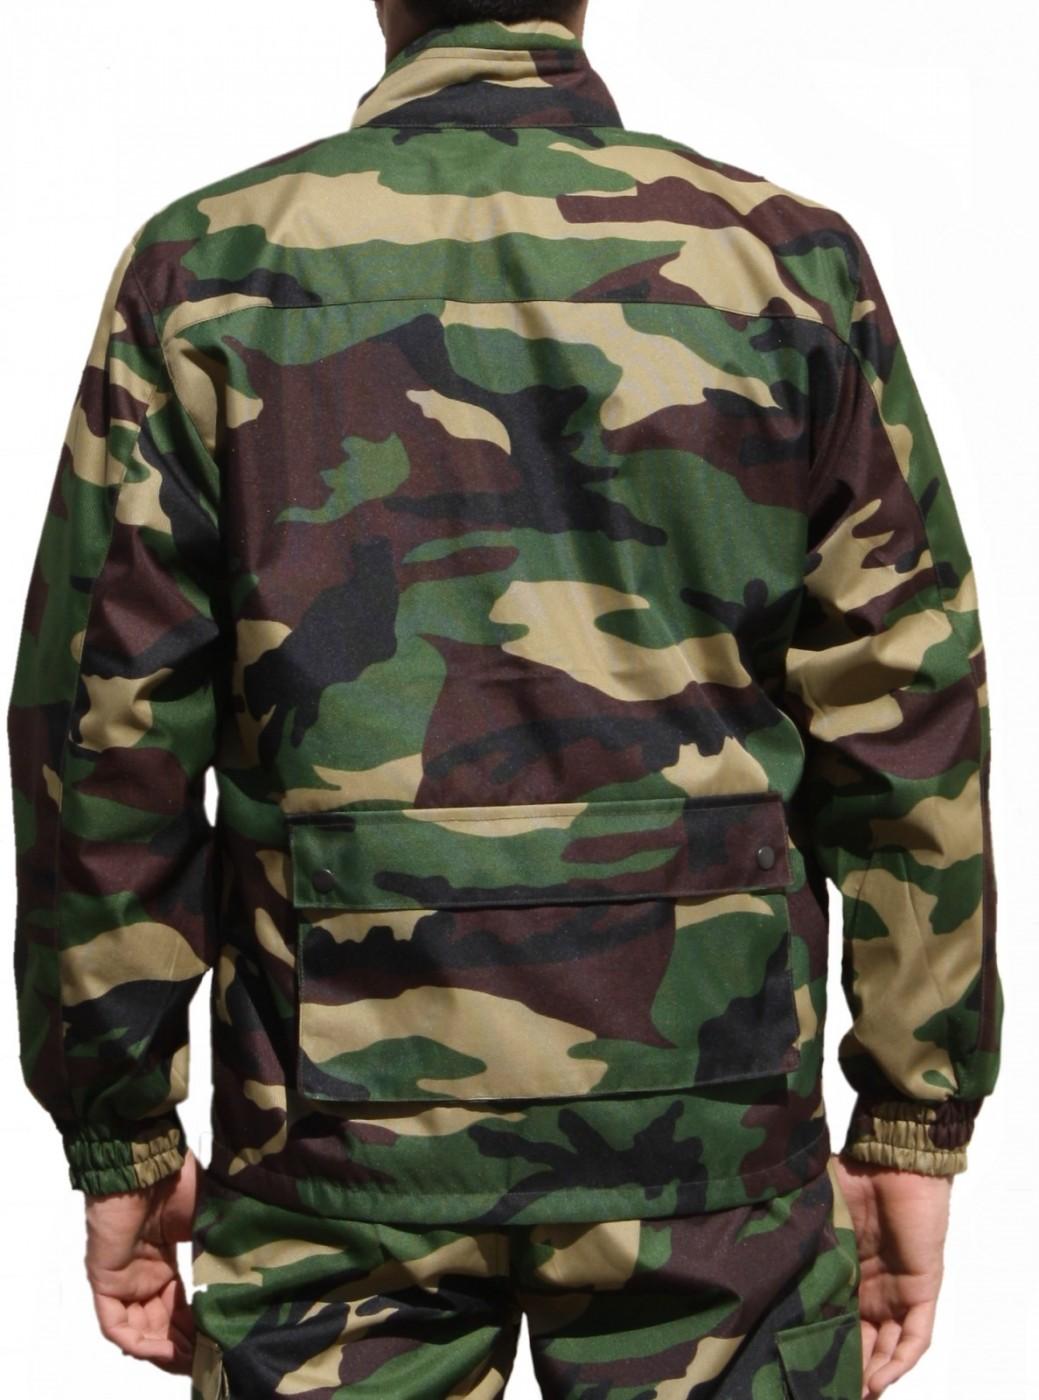 ... Jagdjacke Jacke Textilien in Militärfarbe mit Hirsch Stickerei 2 ...